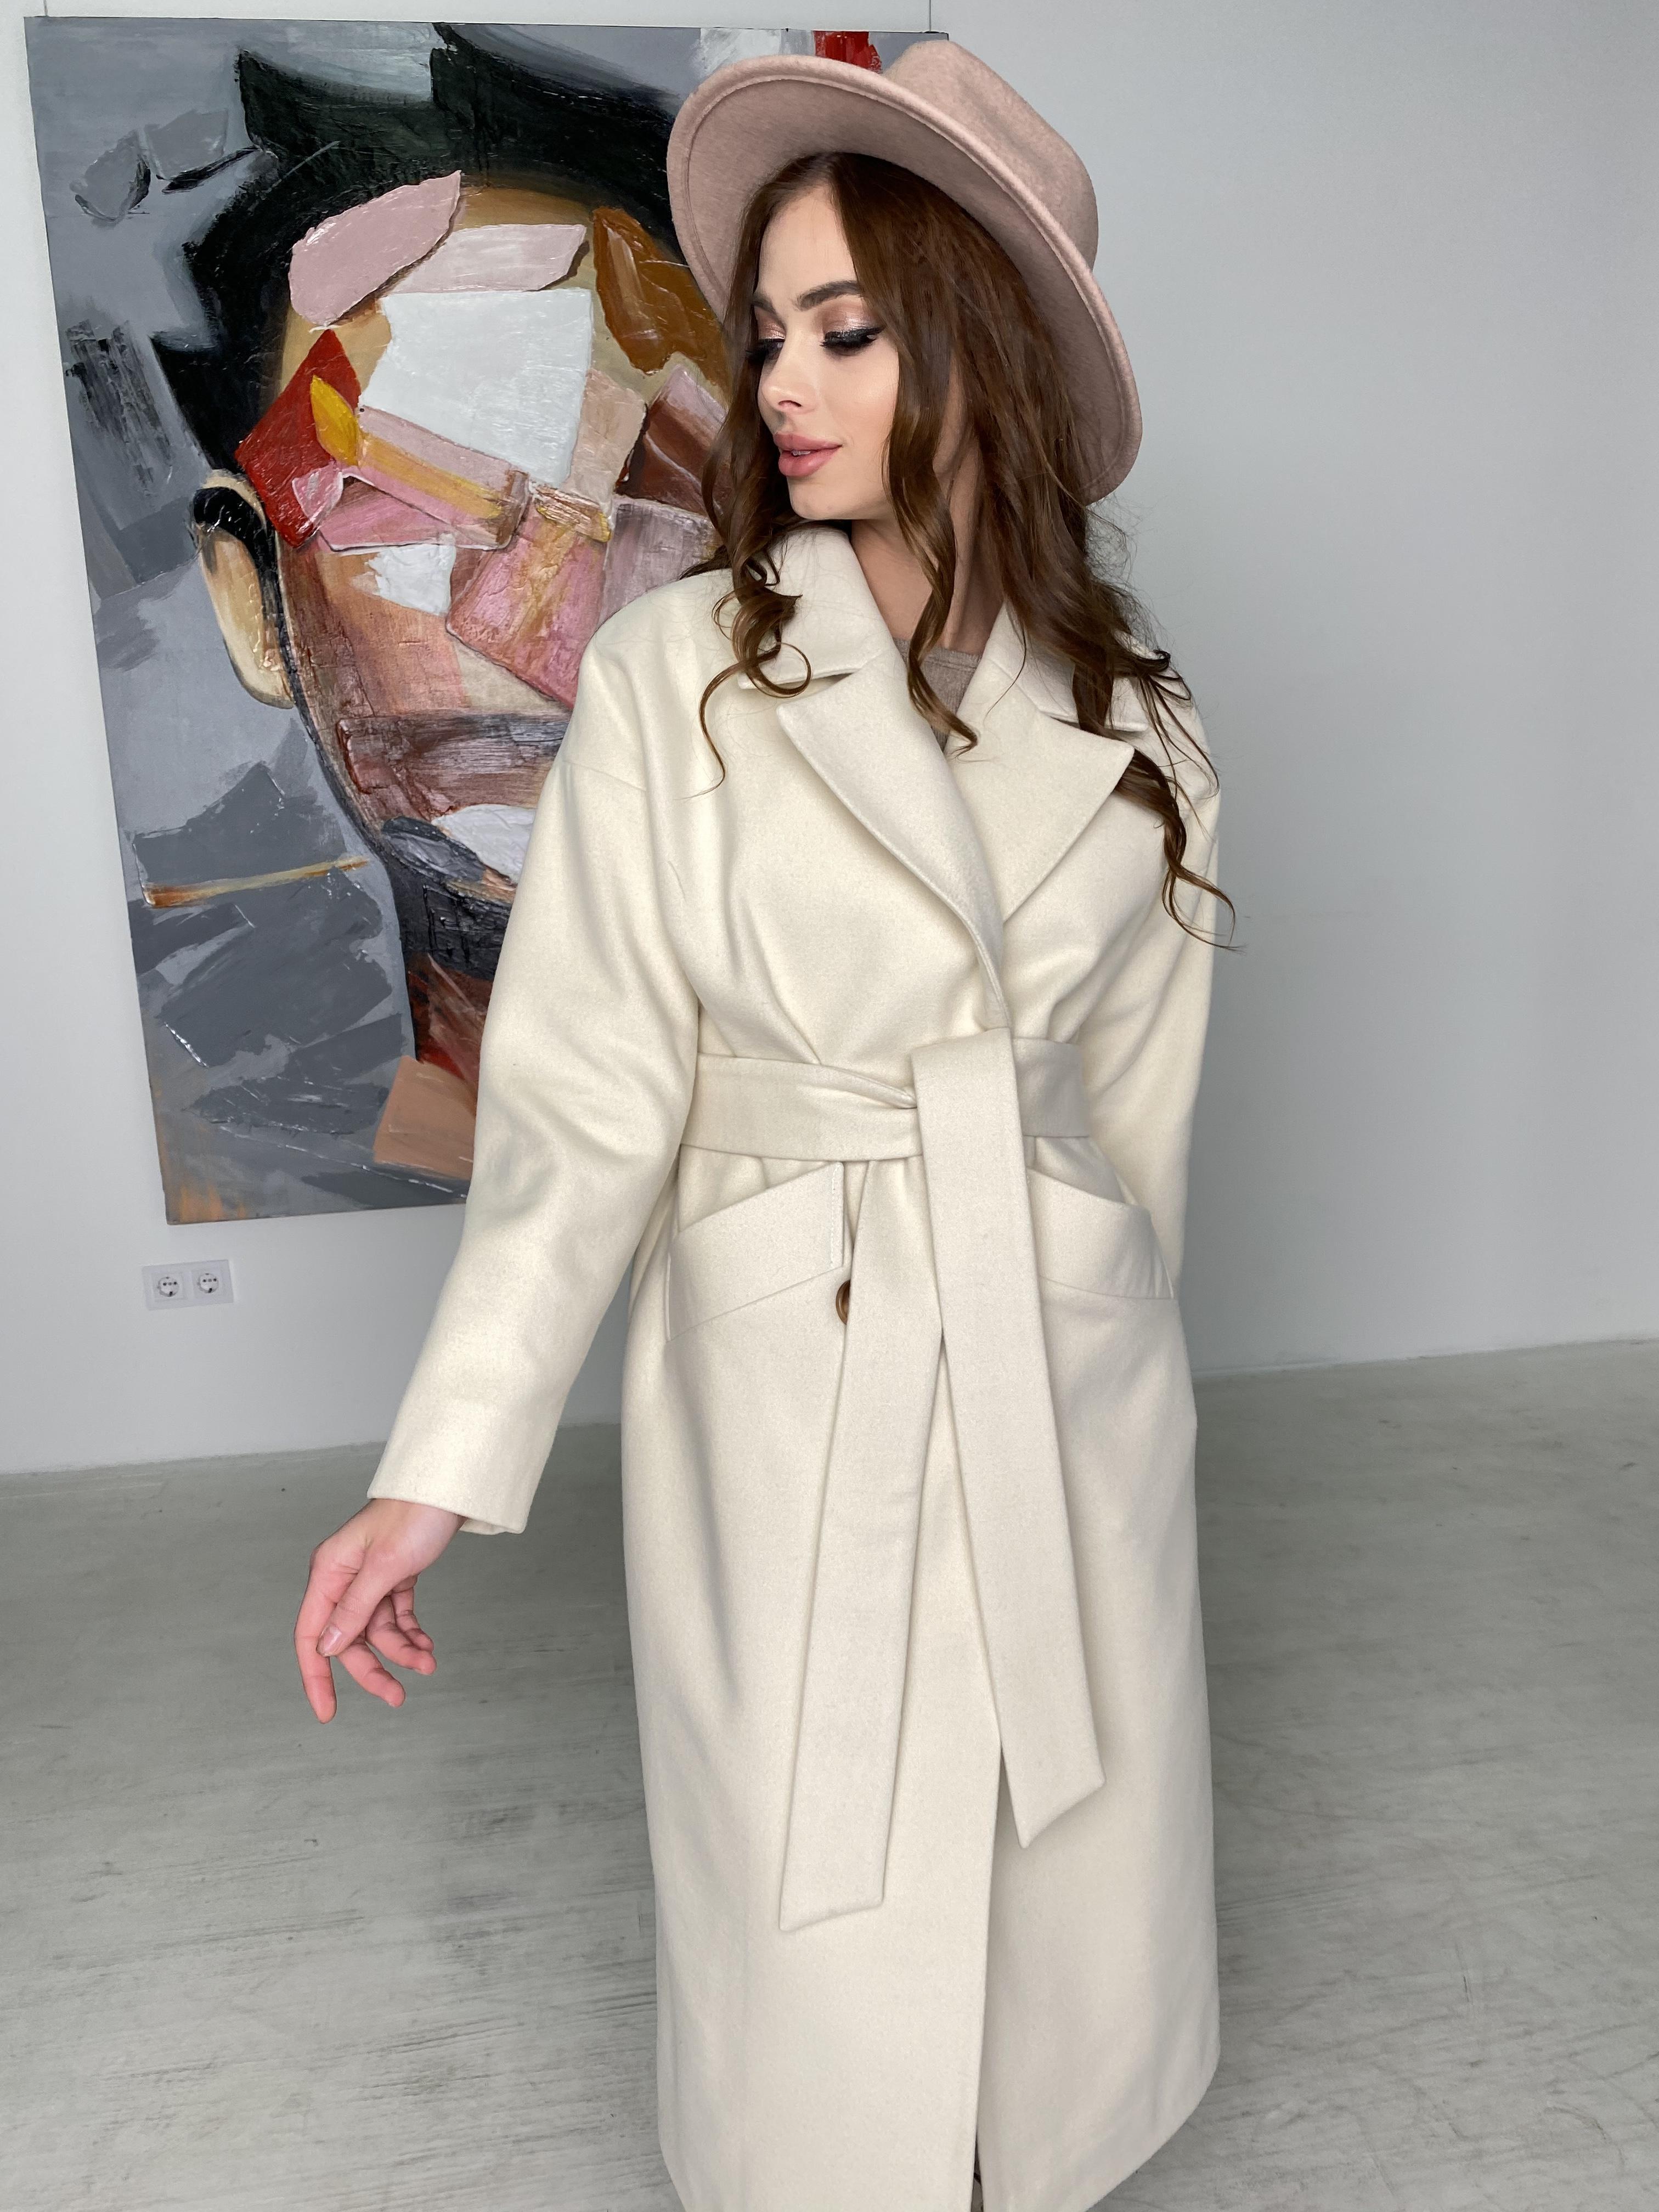 Сенсей пальто макси из кашемира   10309 АРТ. 46615 Цвет: молоко - фото 5, интернет магазин tm-modus.ru